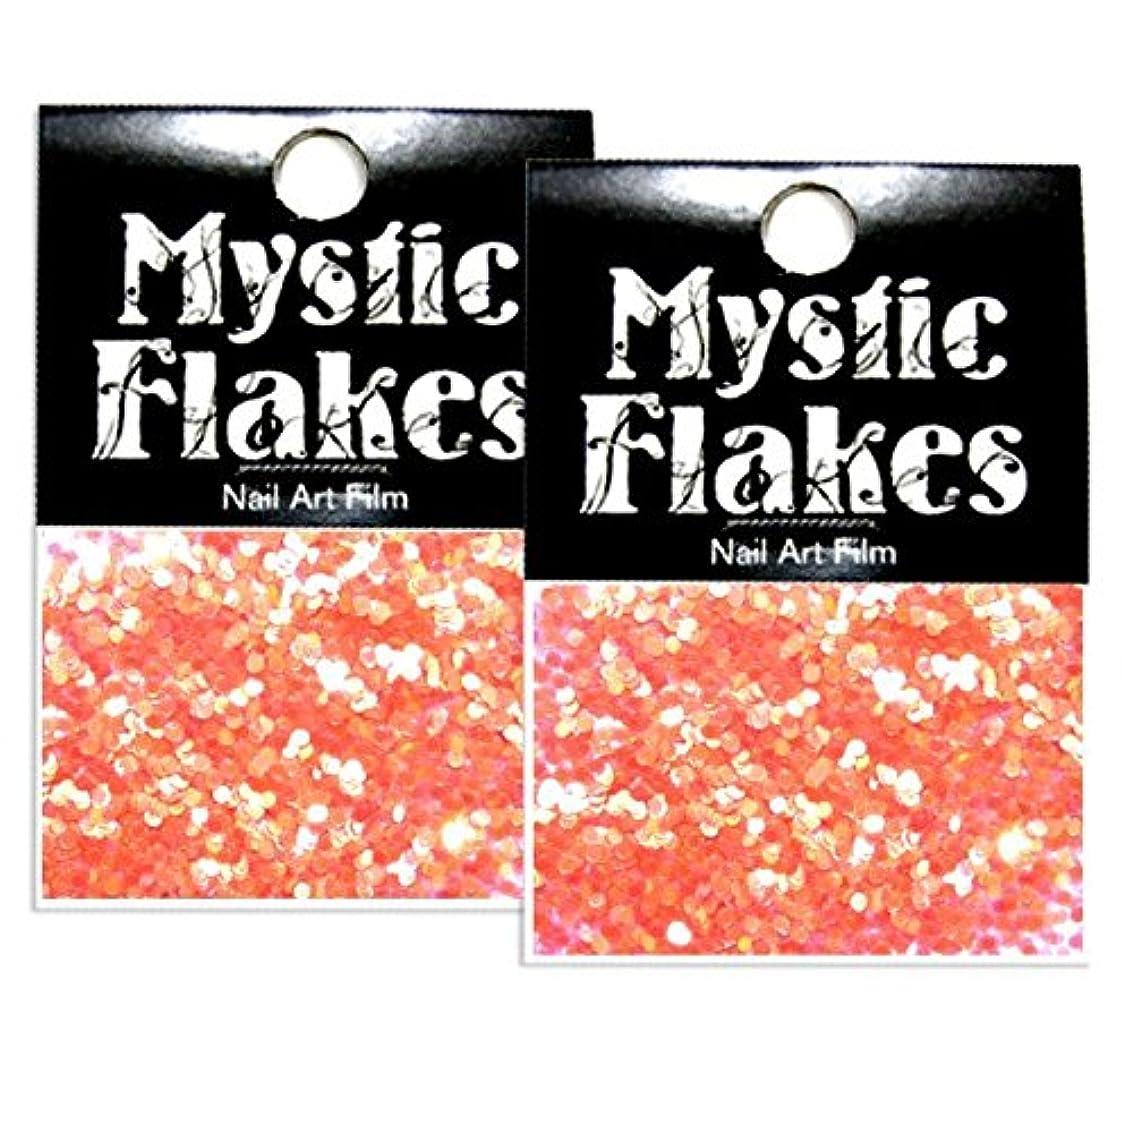 ミスティックフレース ネイル用ストーン パールレッド ヘキサゴン 1mm 0.5g 2個セット